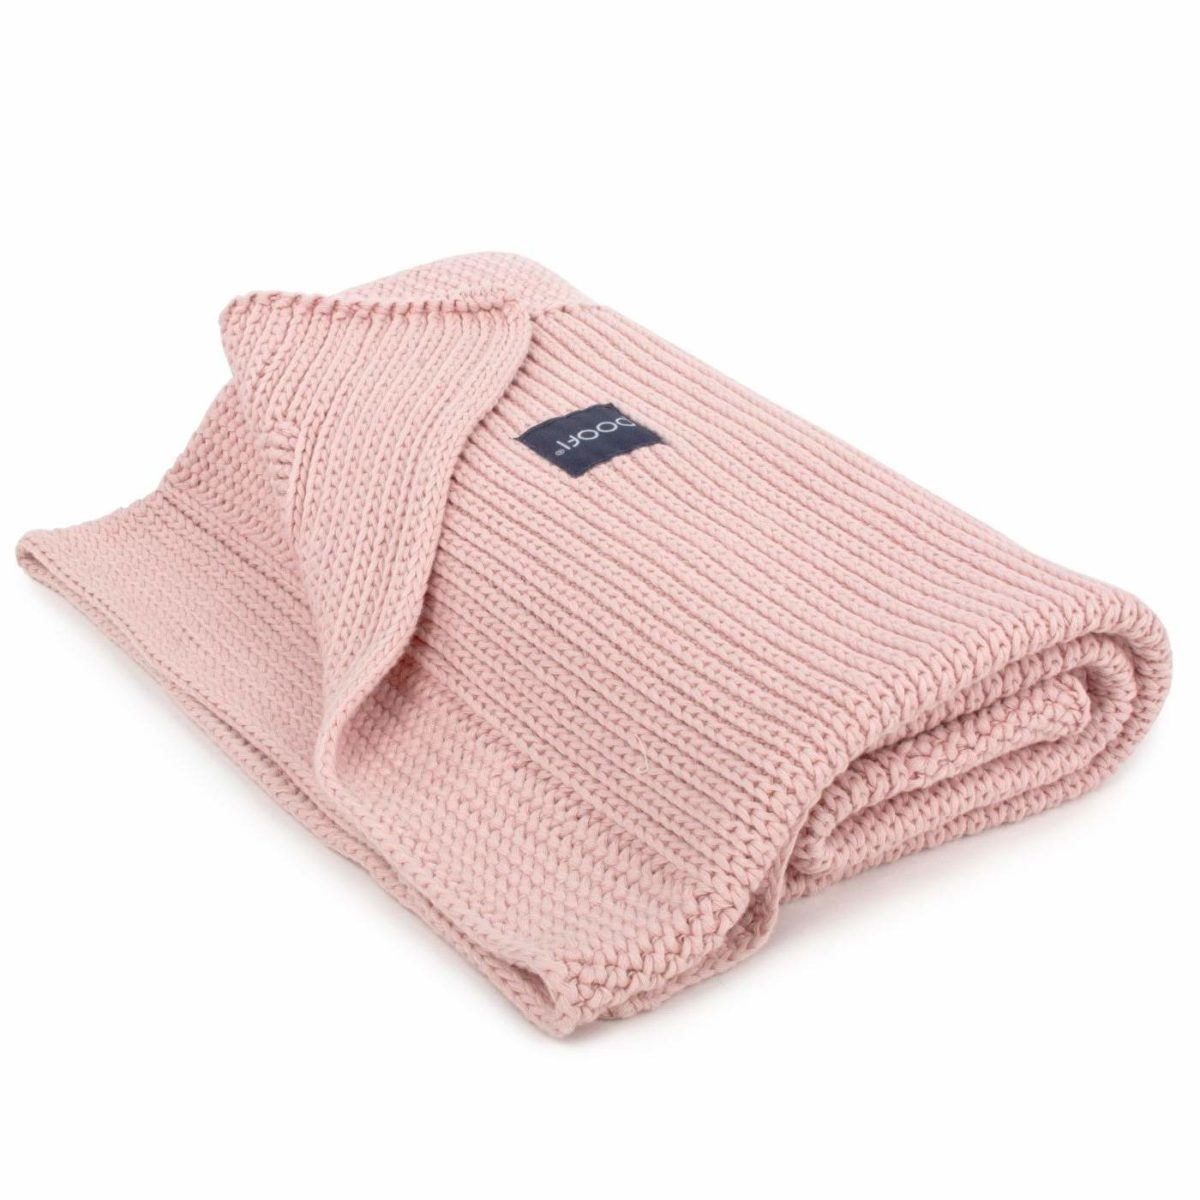 Gestrickte Decke, BioBaumwolle, vintage pink